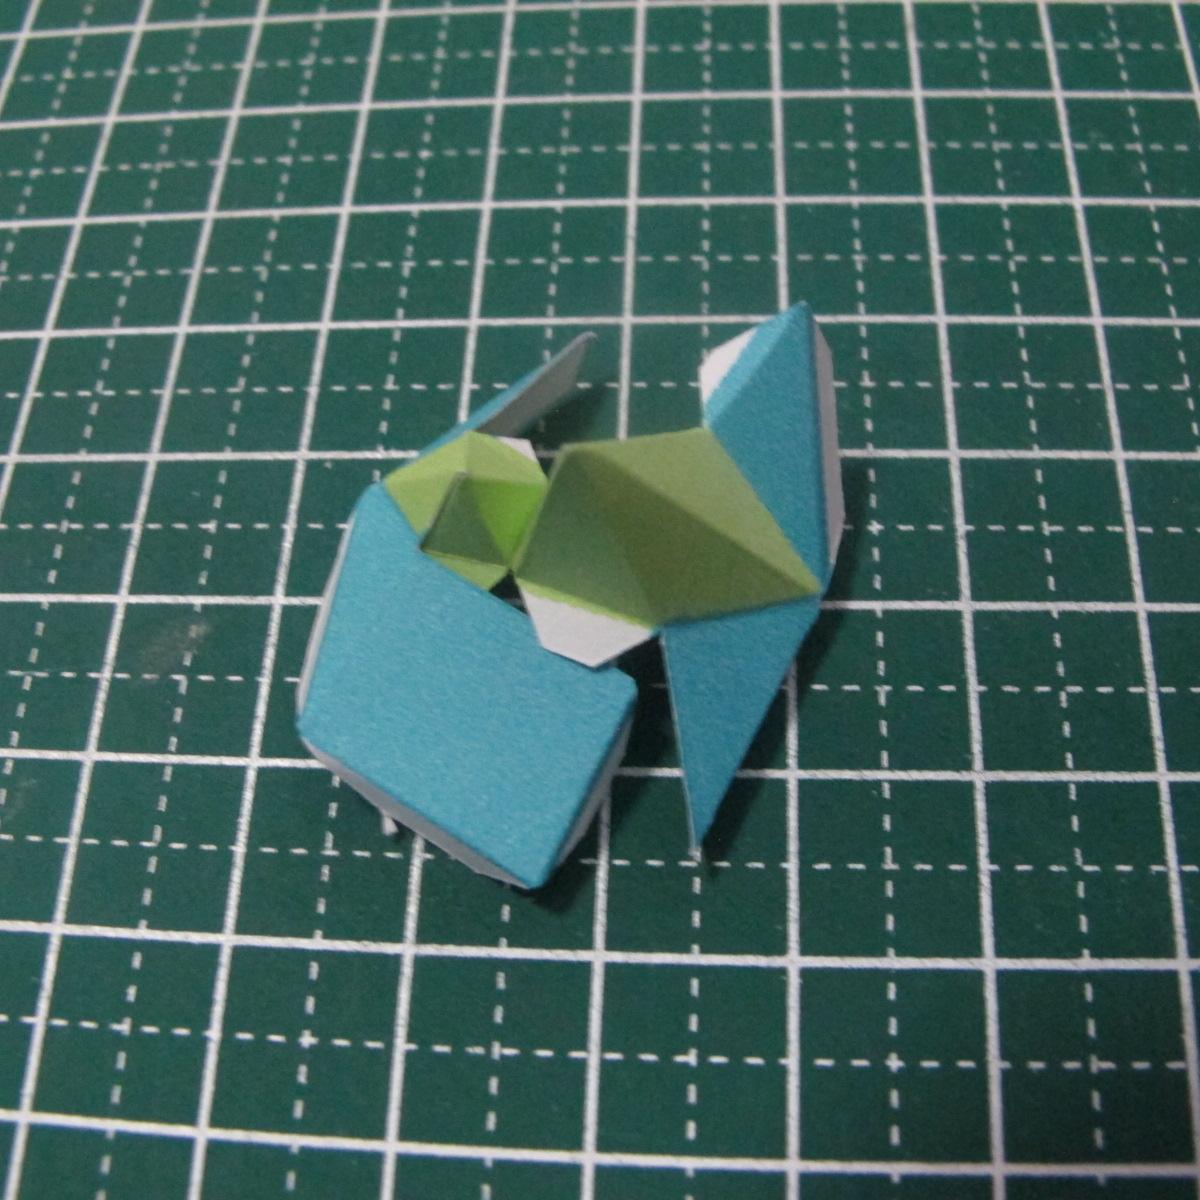 วิธีทำของเล่นโมเดลกระดาษรูปนก (Bird Paper craft ) 010